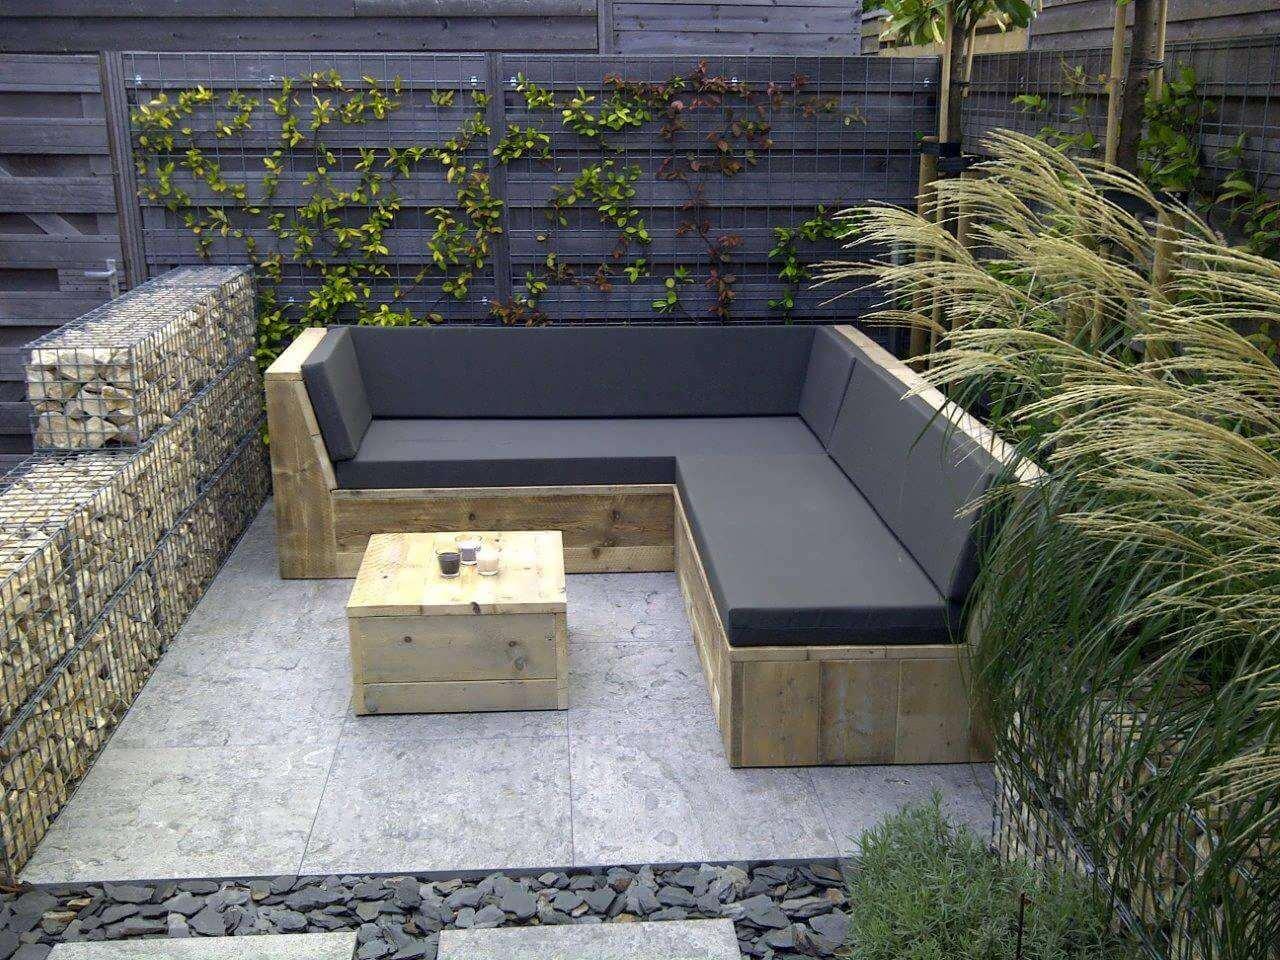 Hoe Maak Ik Een Steigerhouten Loungebank.Steigerhouten Loungebank Arona Met Strak Design Kopen Bestel Online